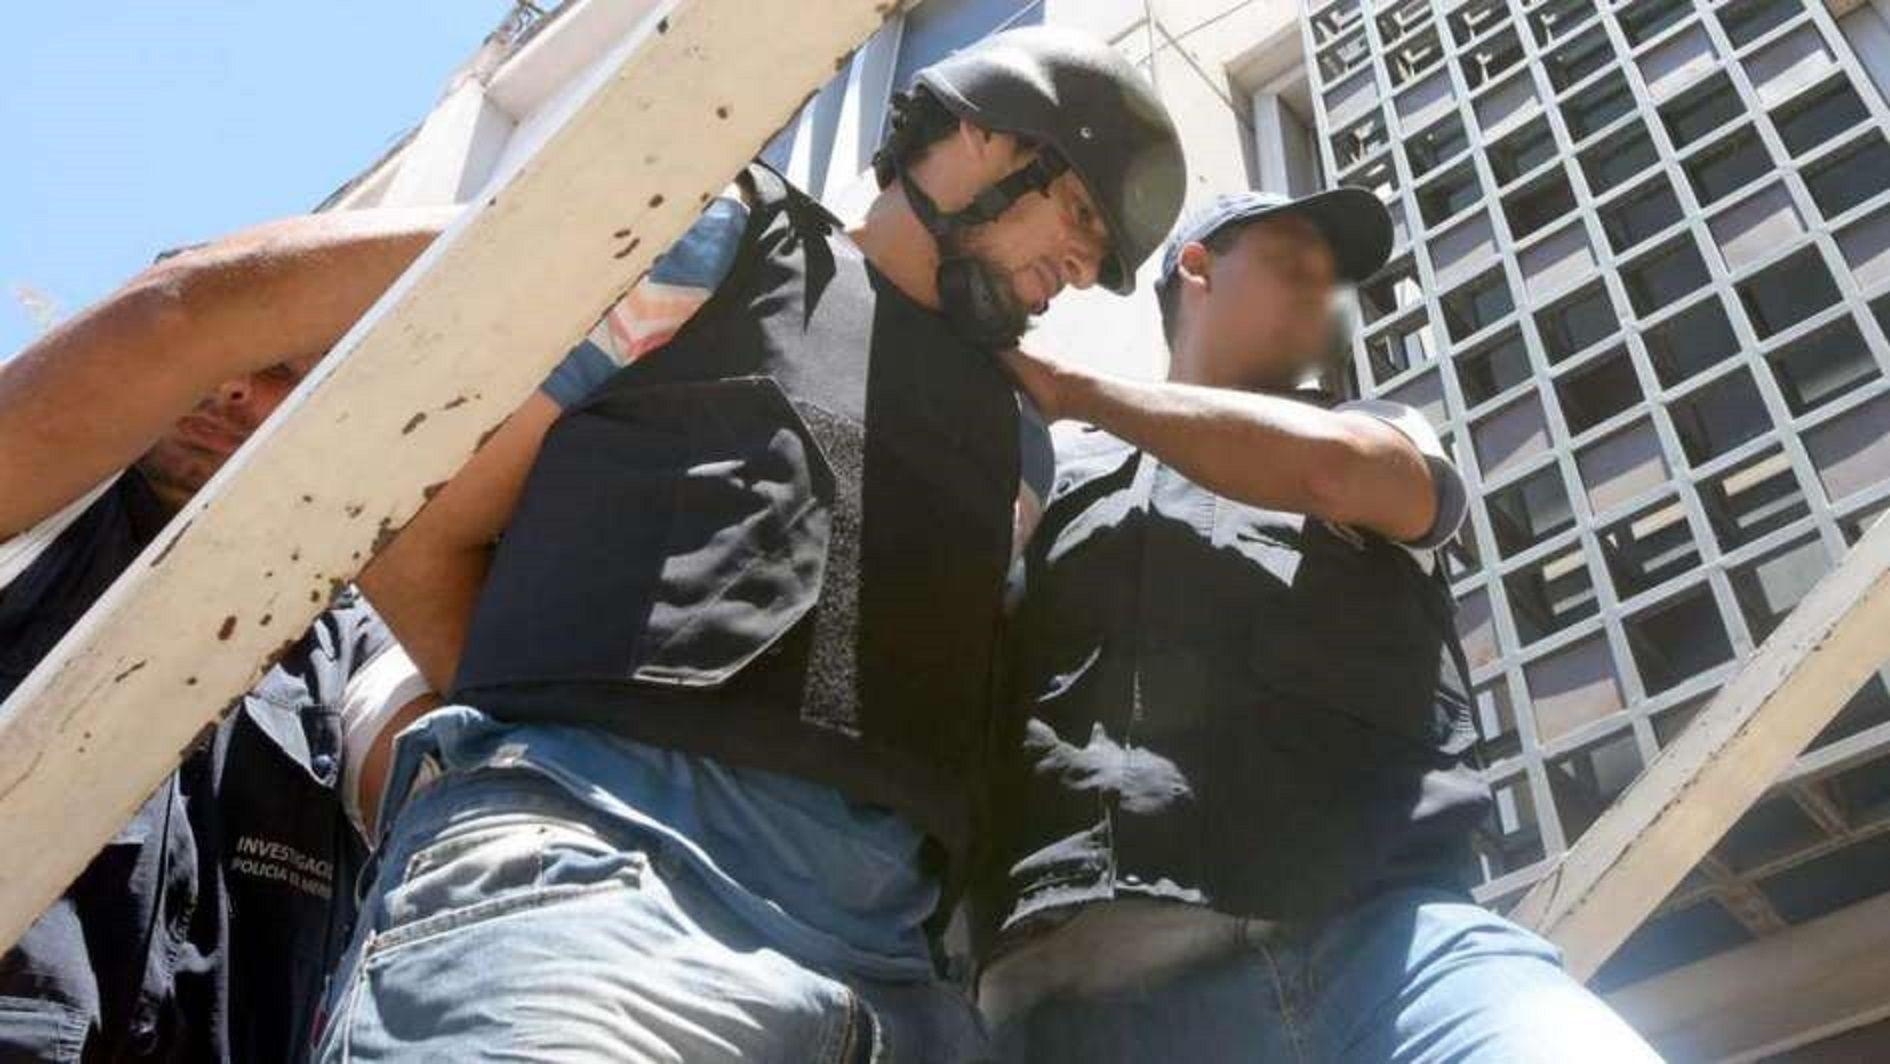 La Policía detuvo el viernes pasado al prófugo más buscado y peligroso del país.